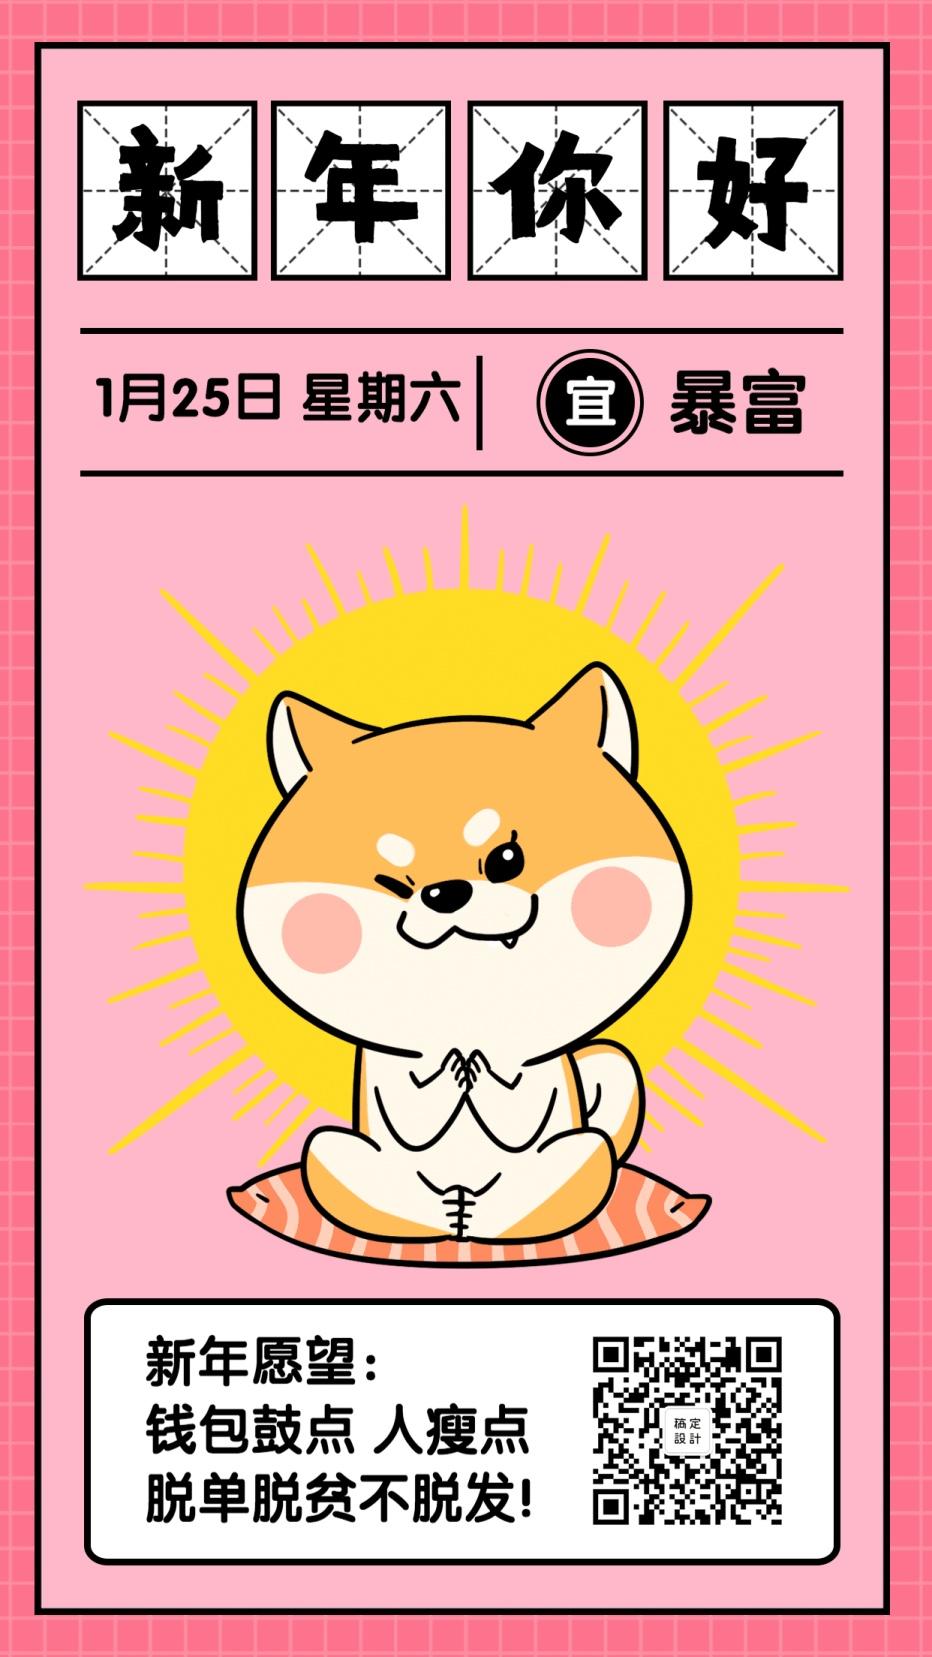 新年春节新春祝福可爱手绘手机海报